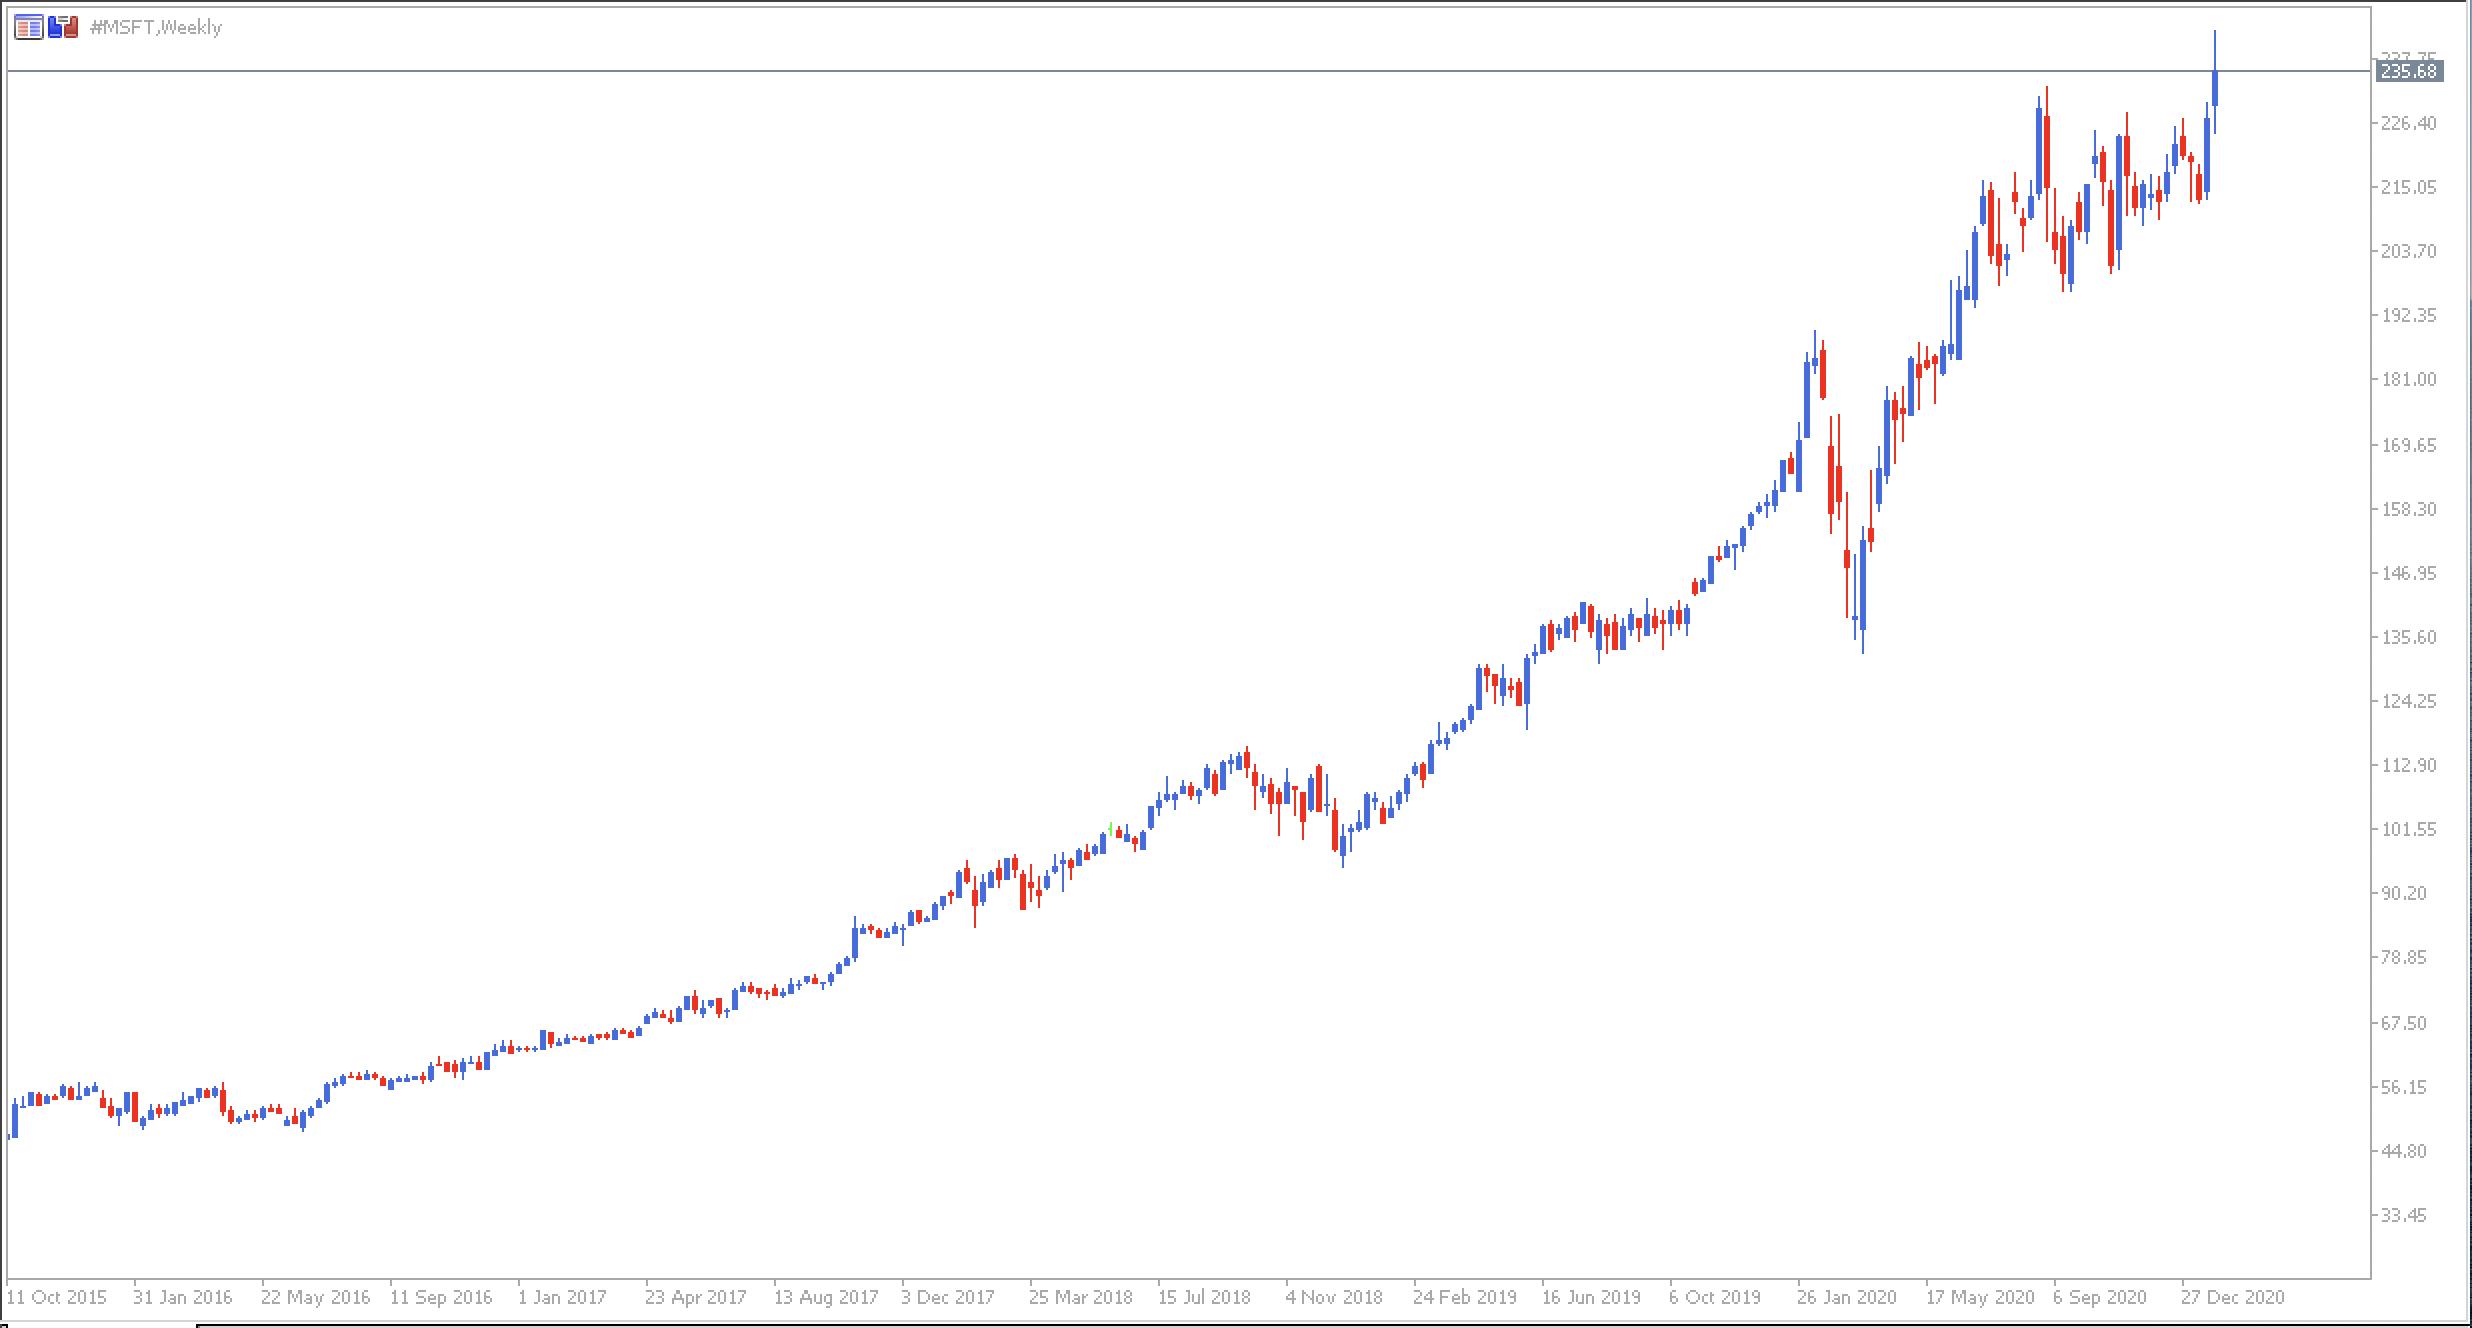 Gráfico Microsoft a longo prazo